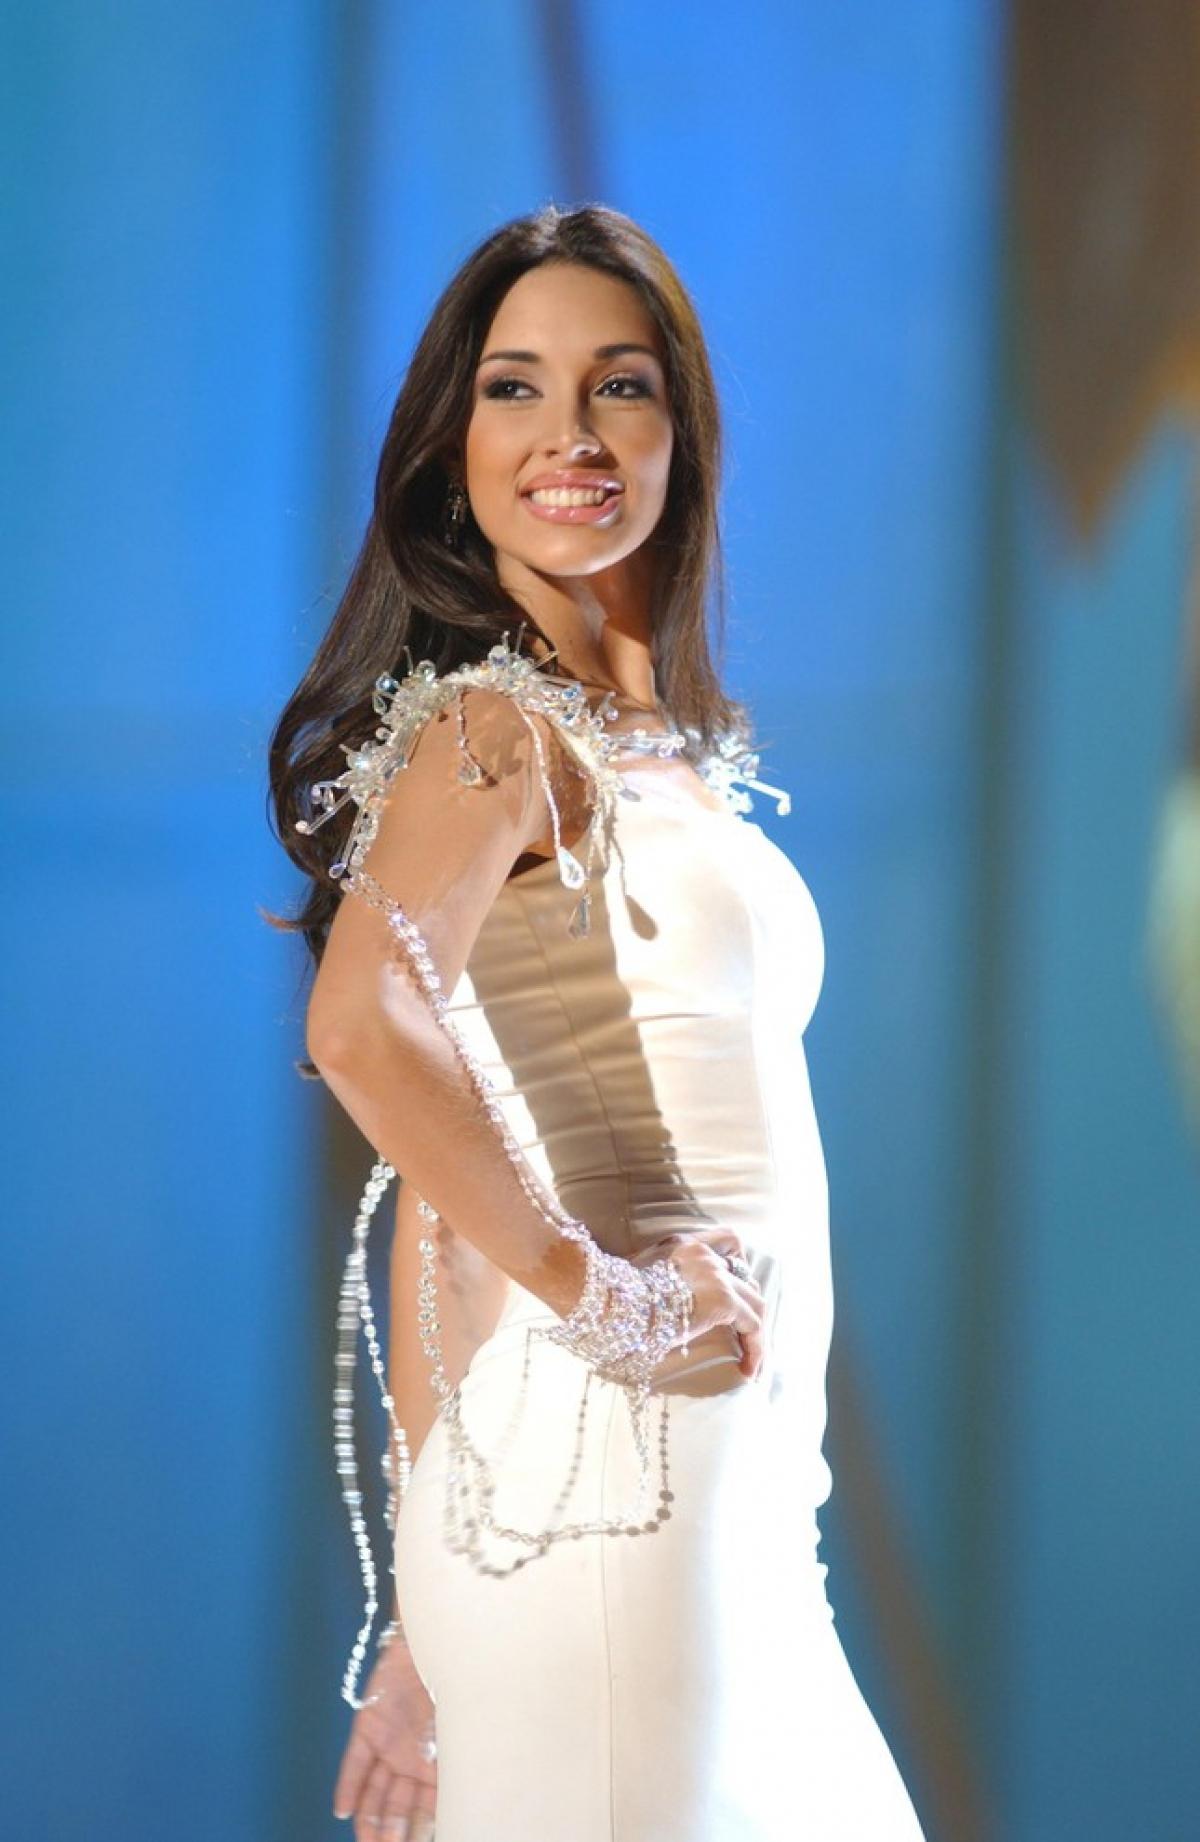 """Amelia Vega có chiều cao """"khủng"""" nhất trong lịch sử Miss Universe (1,88m). Bên cạnh đó, cô còn được đánh giá sở hữu vẻ đẹp yêu kiều, quyến rũ."""